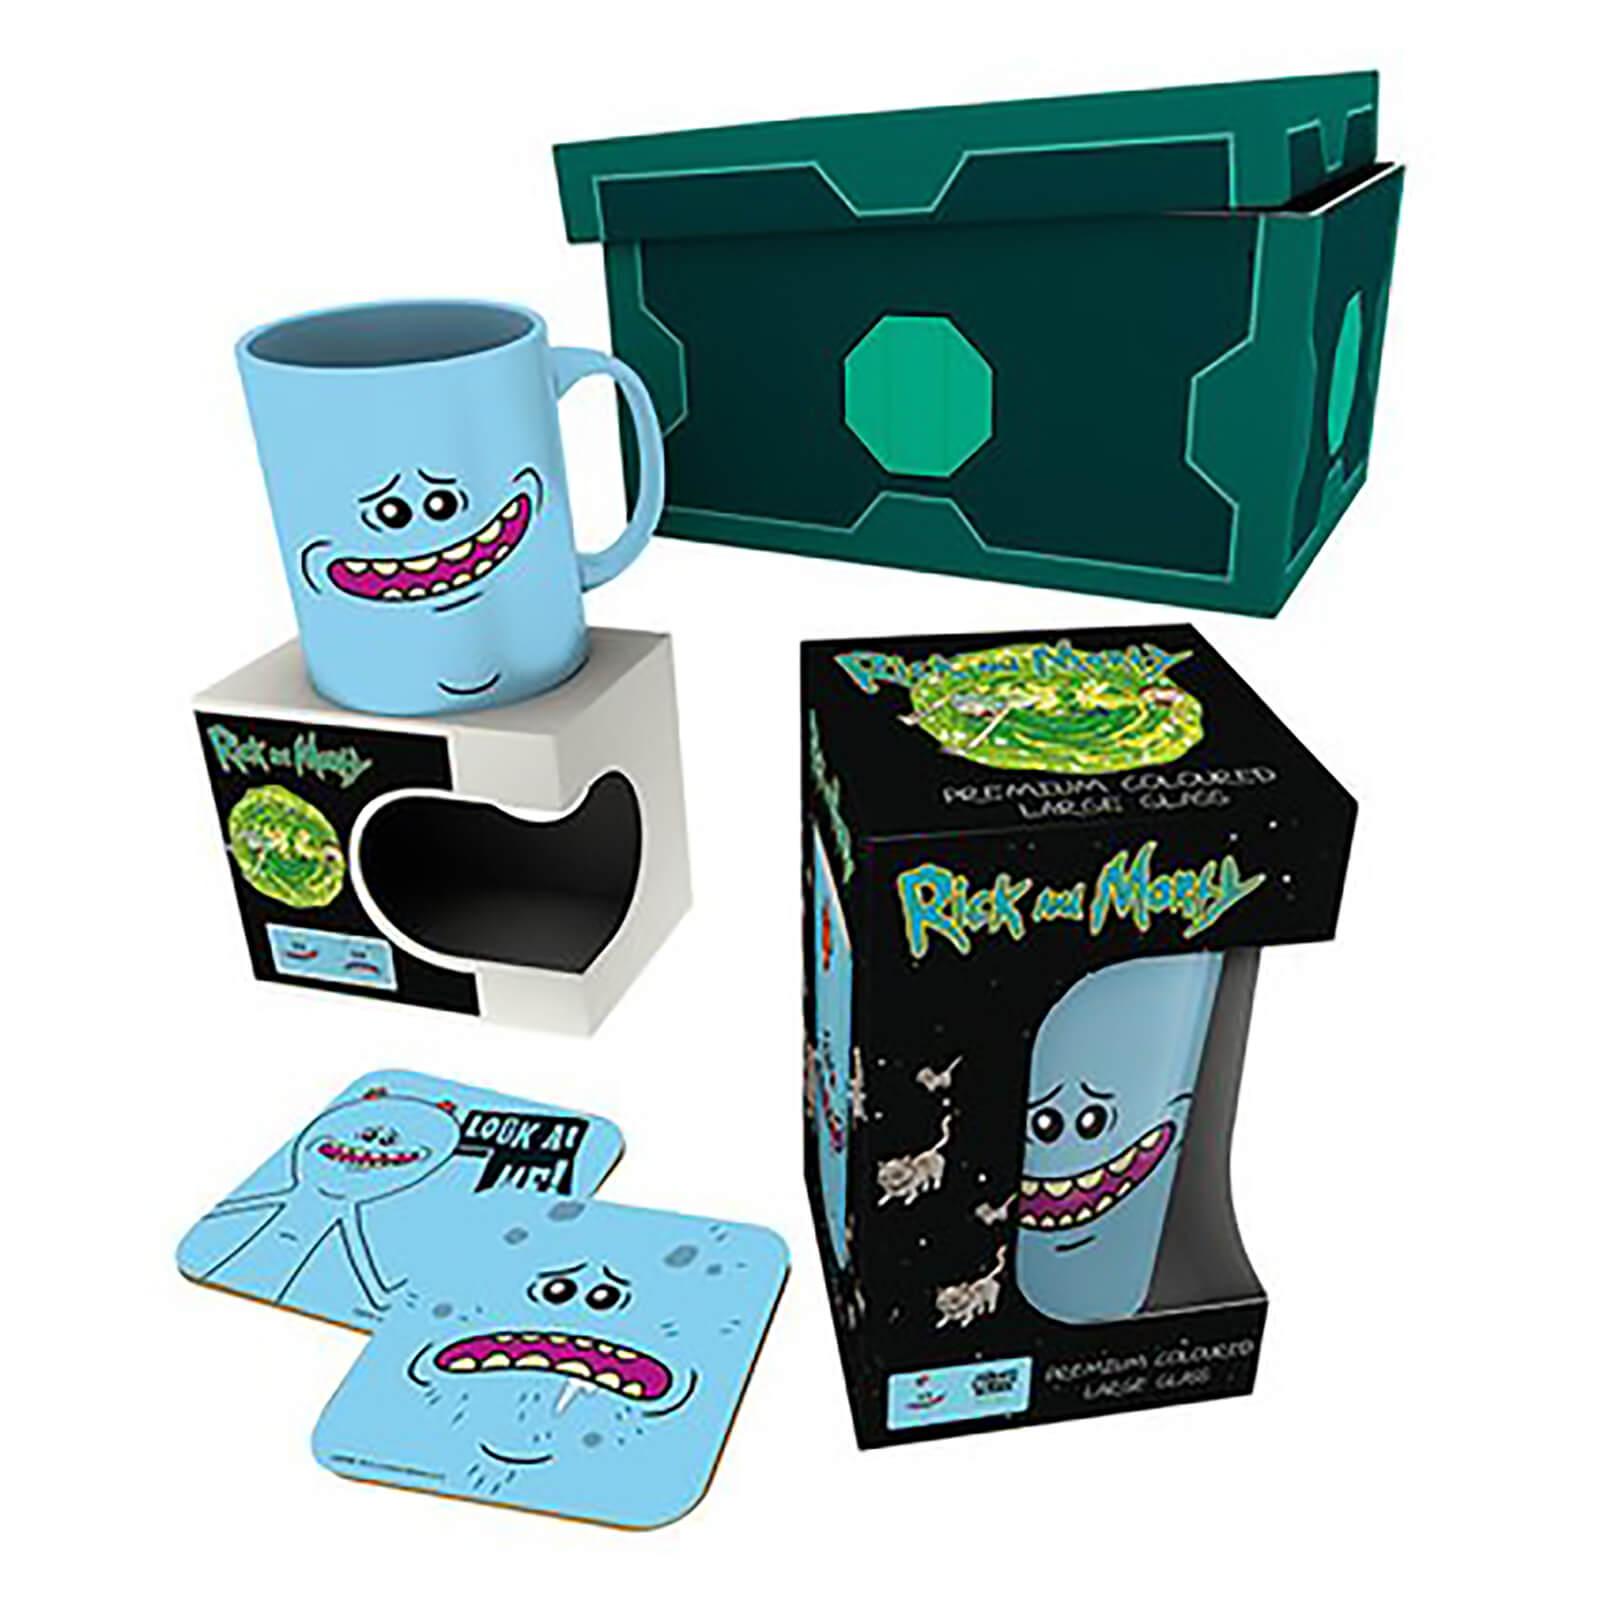 Rick and Morty Geschenkbox mit Tasse, Glas und Untersetzern von Mr. Meeseeks